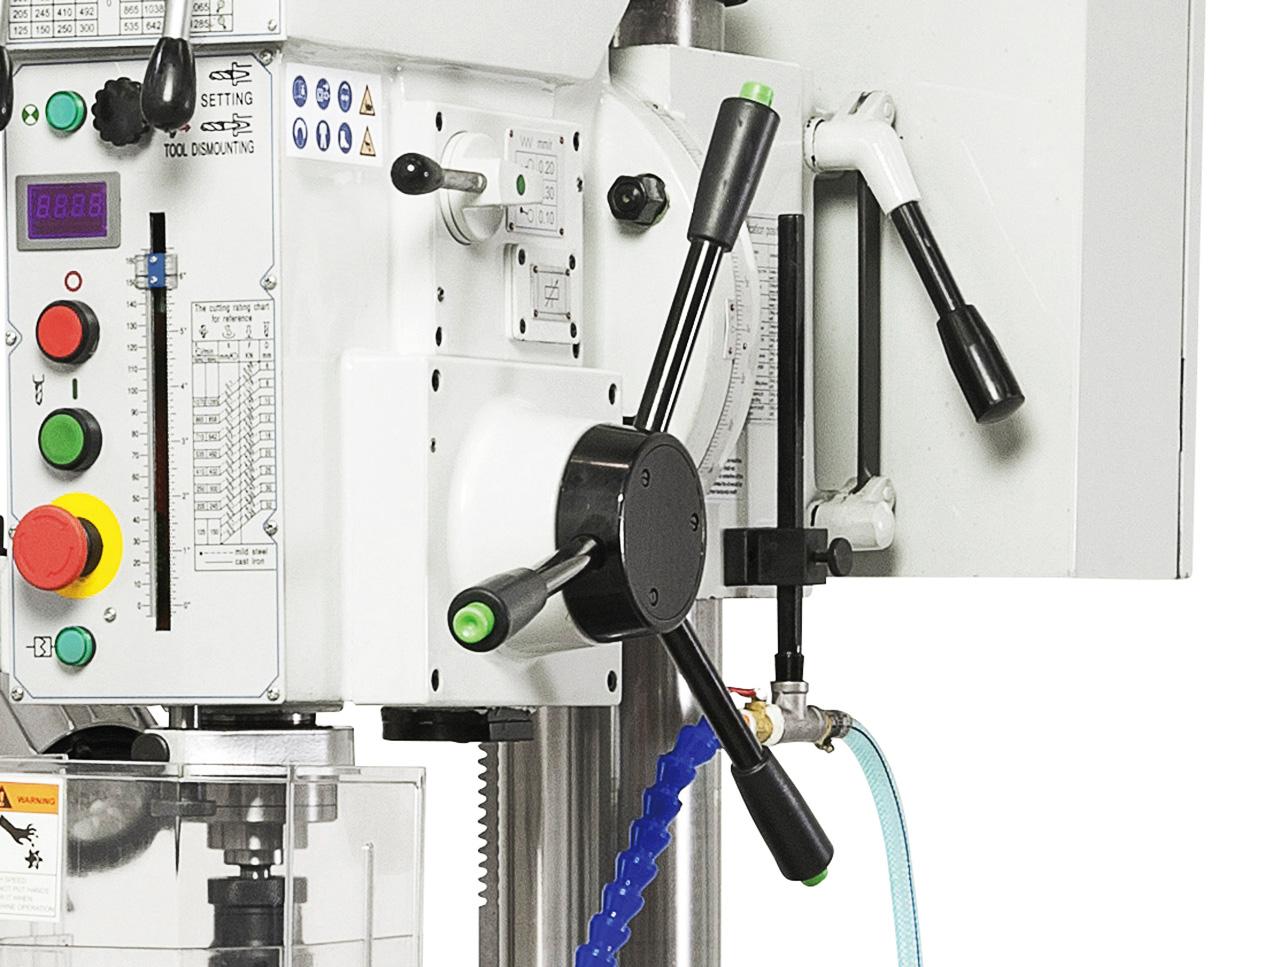 Der Bohrvorschub erfolgt wahlweise per Hand oder mittels Elektromagnetkupplung (0,1 / 0,2 / 0,3 mm/U)